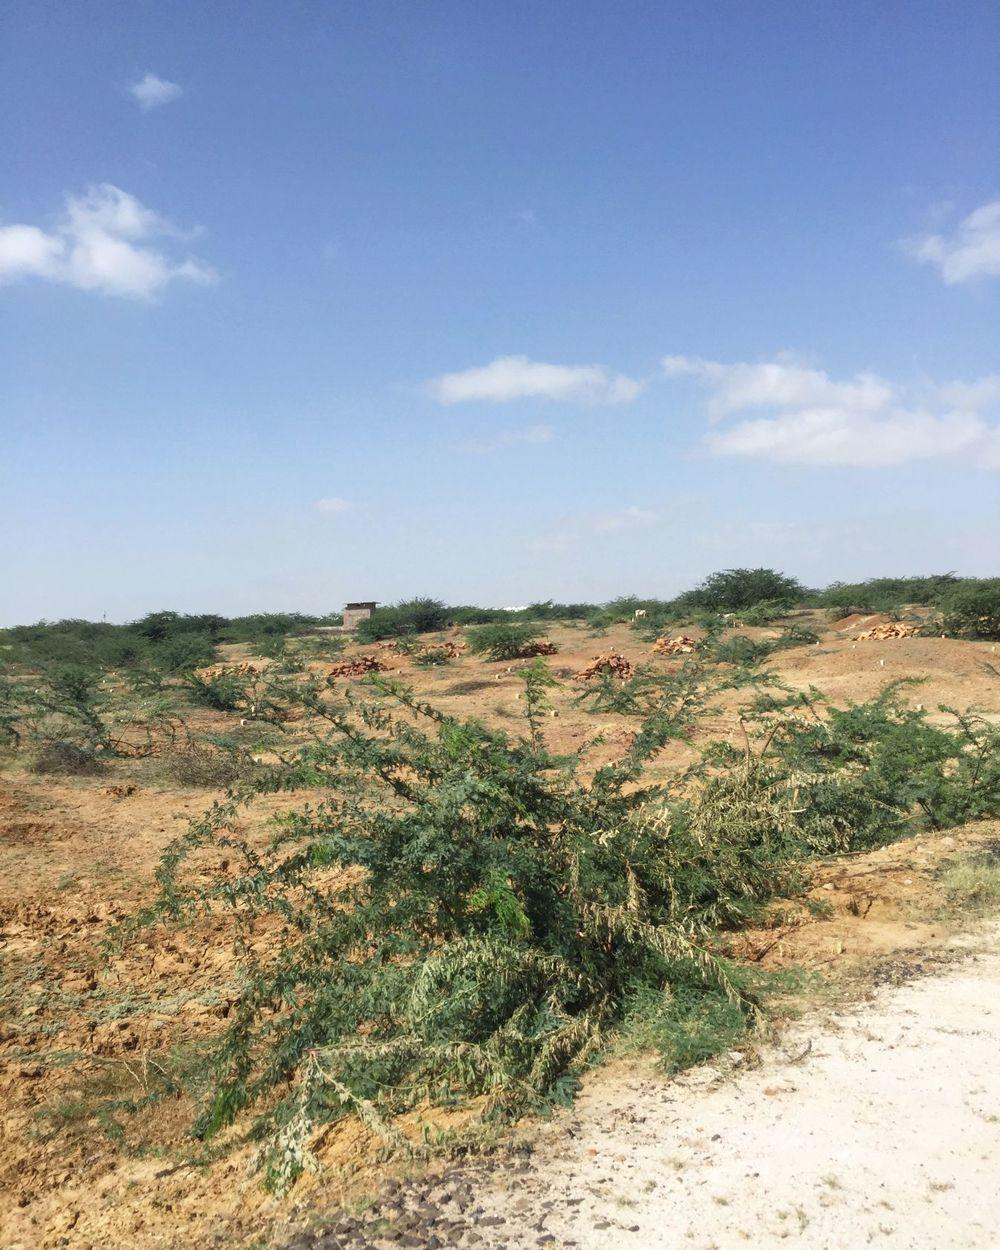 The desert outside Bhuj